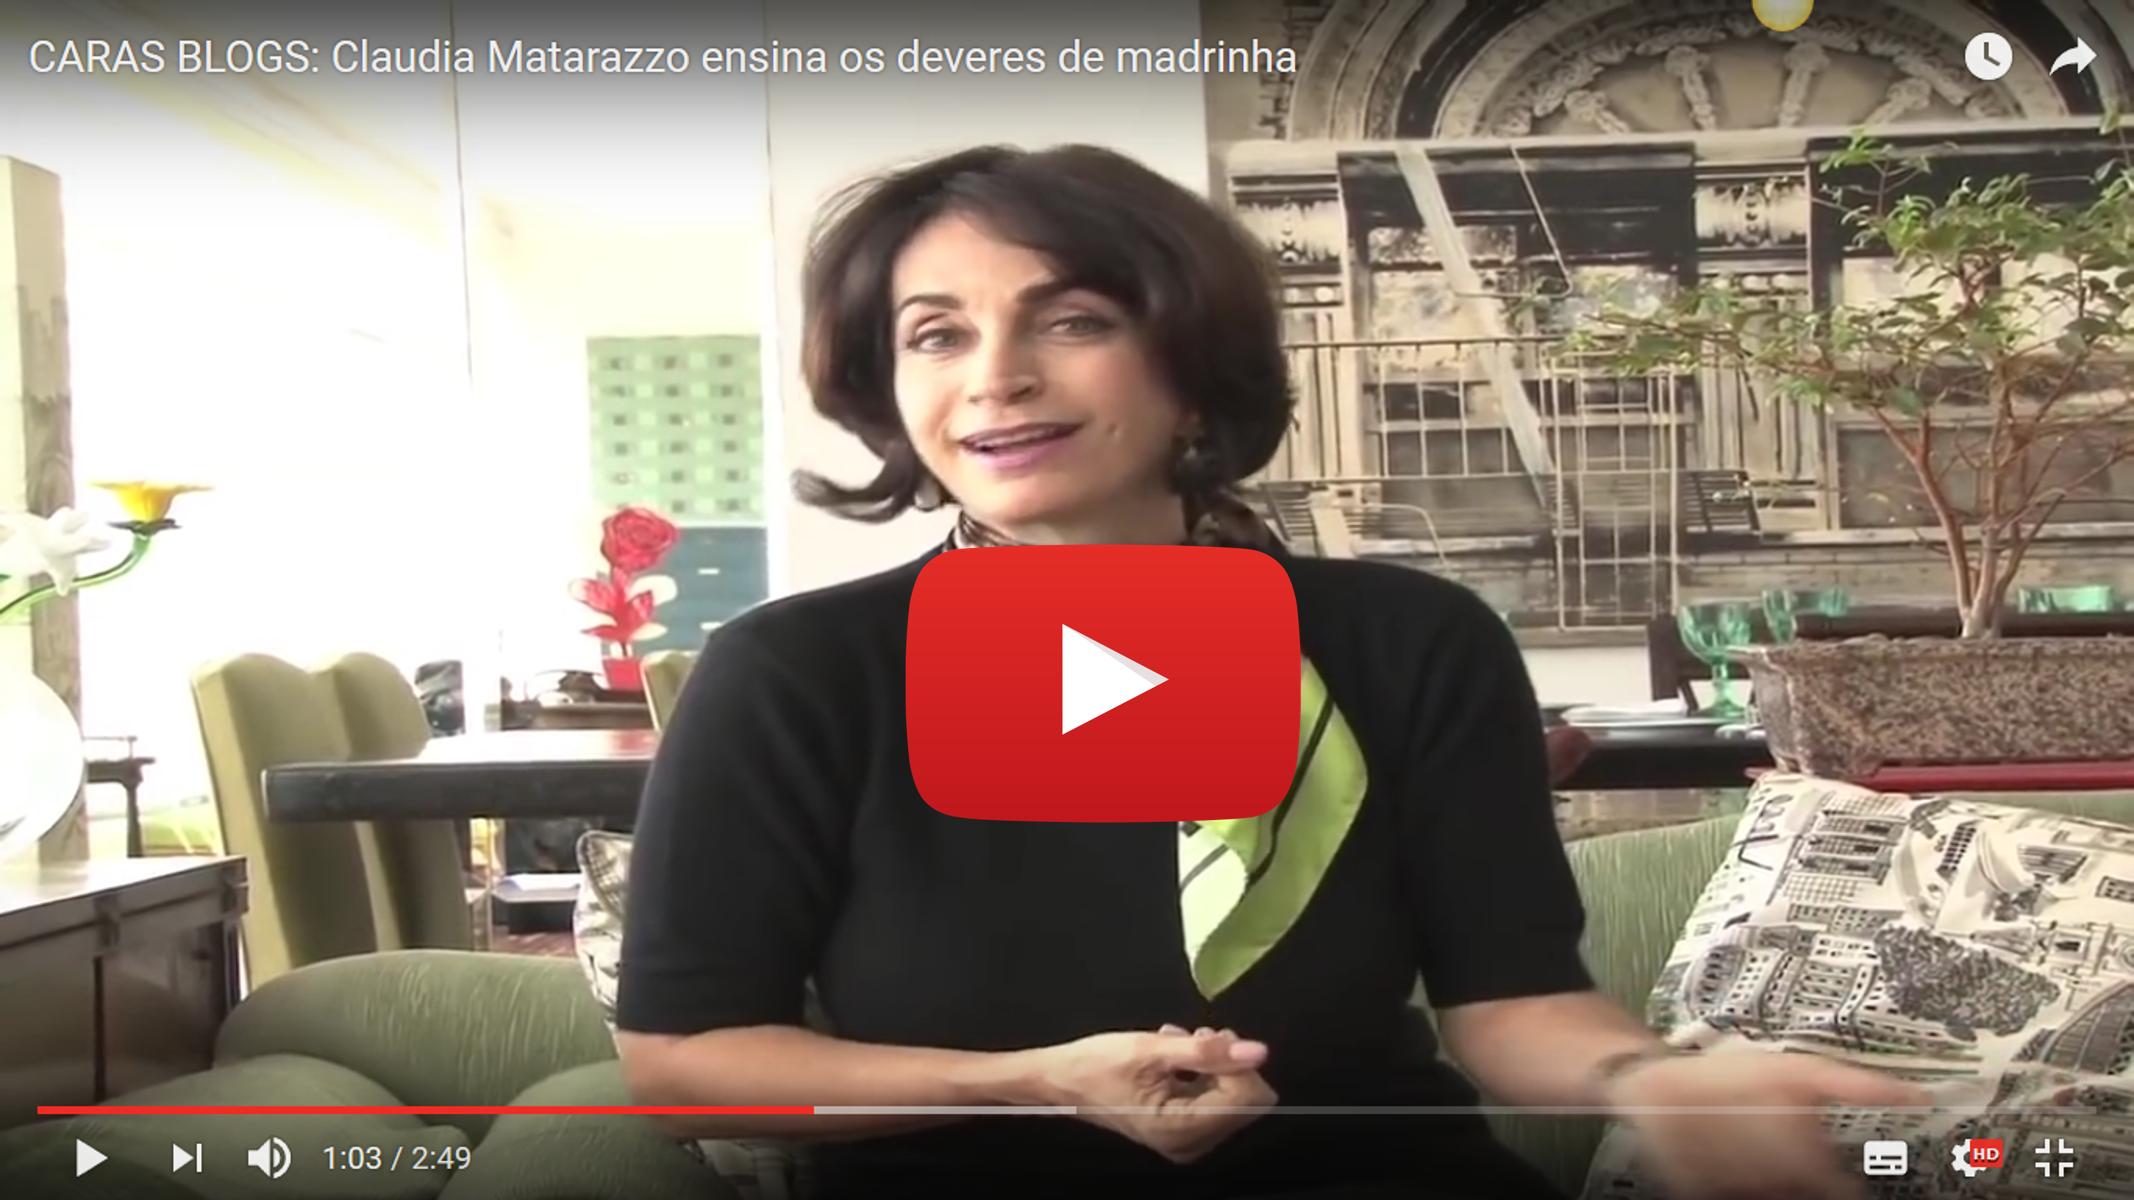 carasblogs_deveres_madrinhas-4